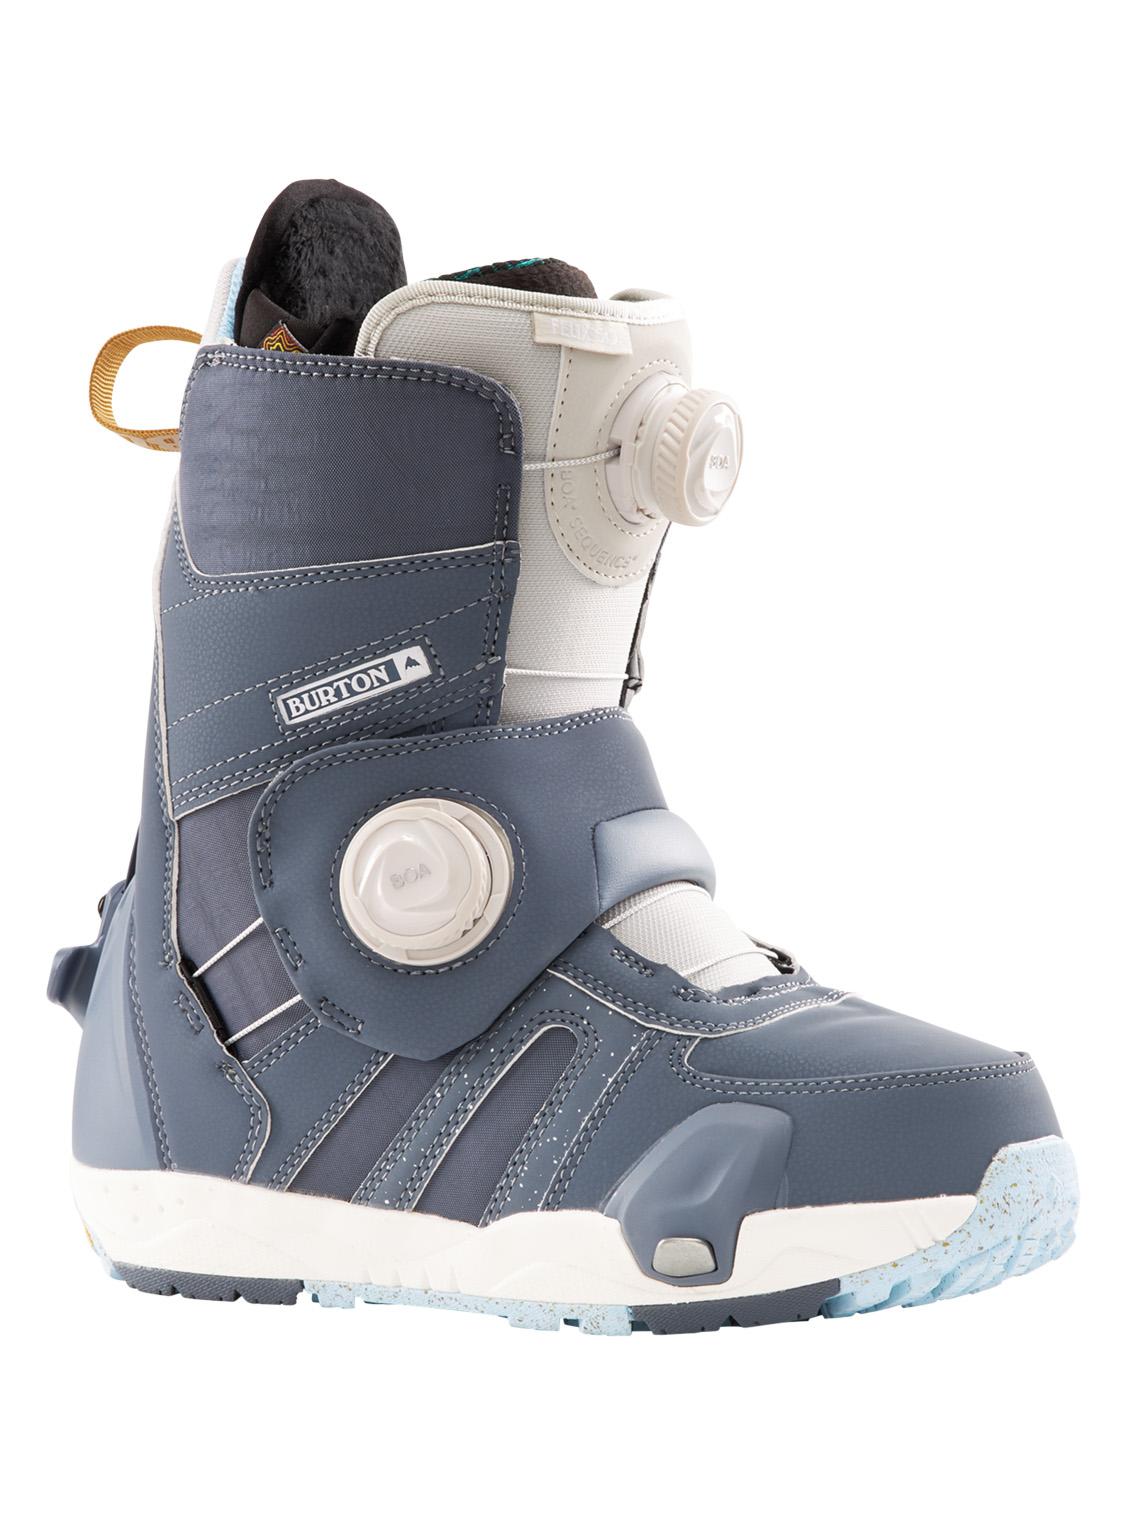 Burton 21/22 Snowboard Boots